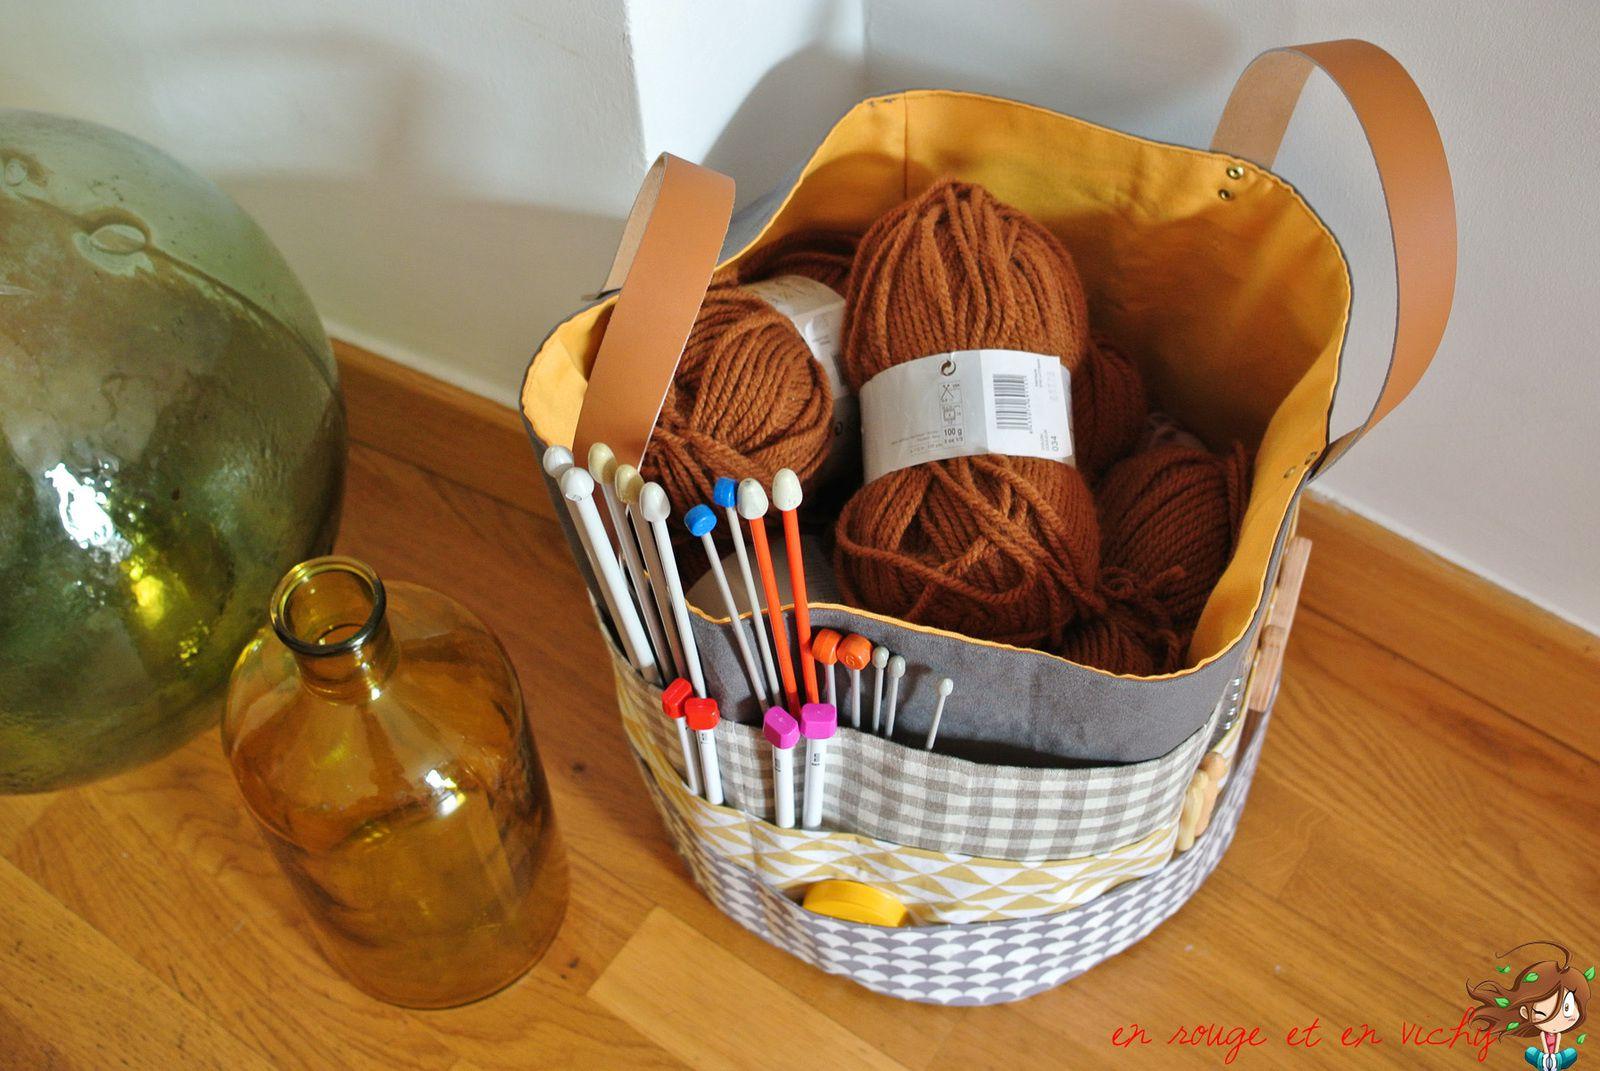 Le panier tricot de mamy [tuto inside]